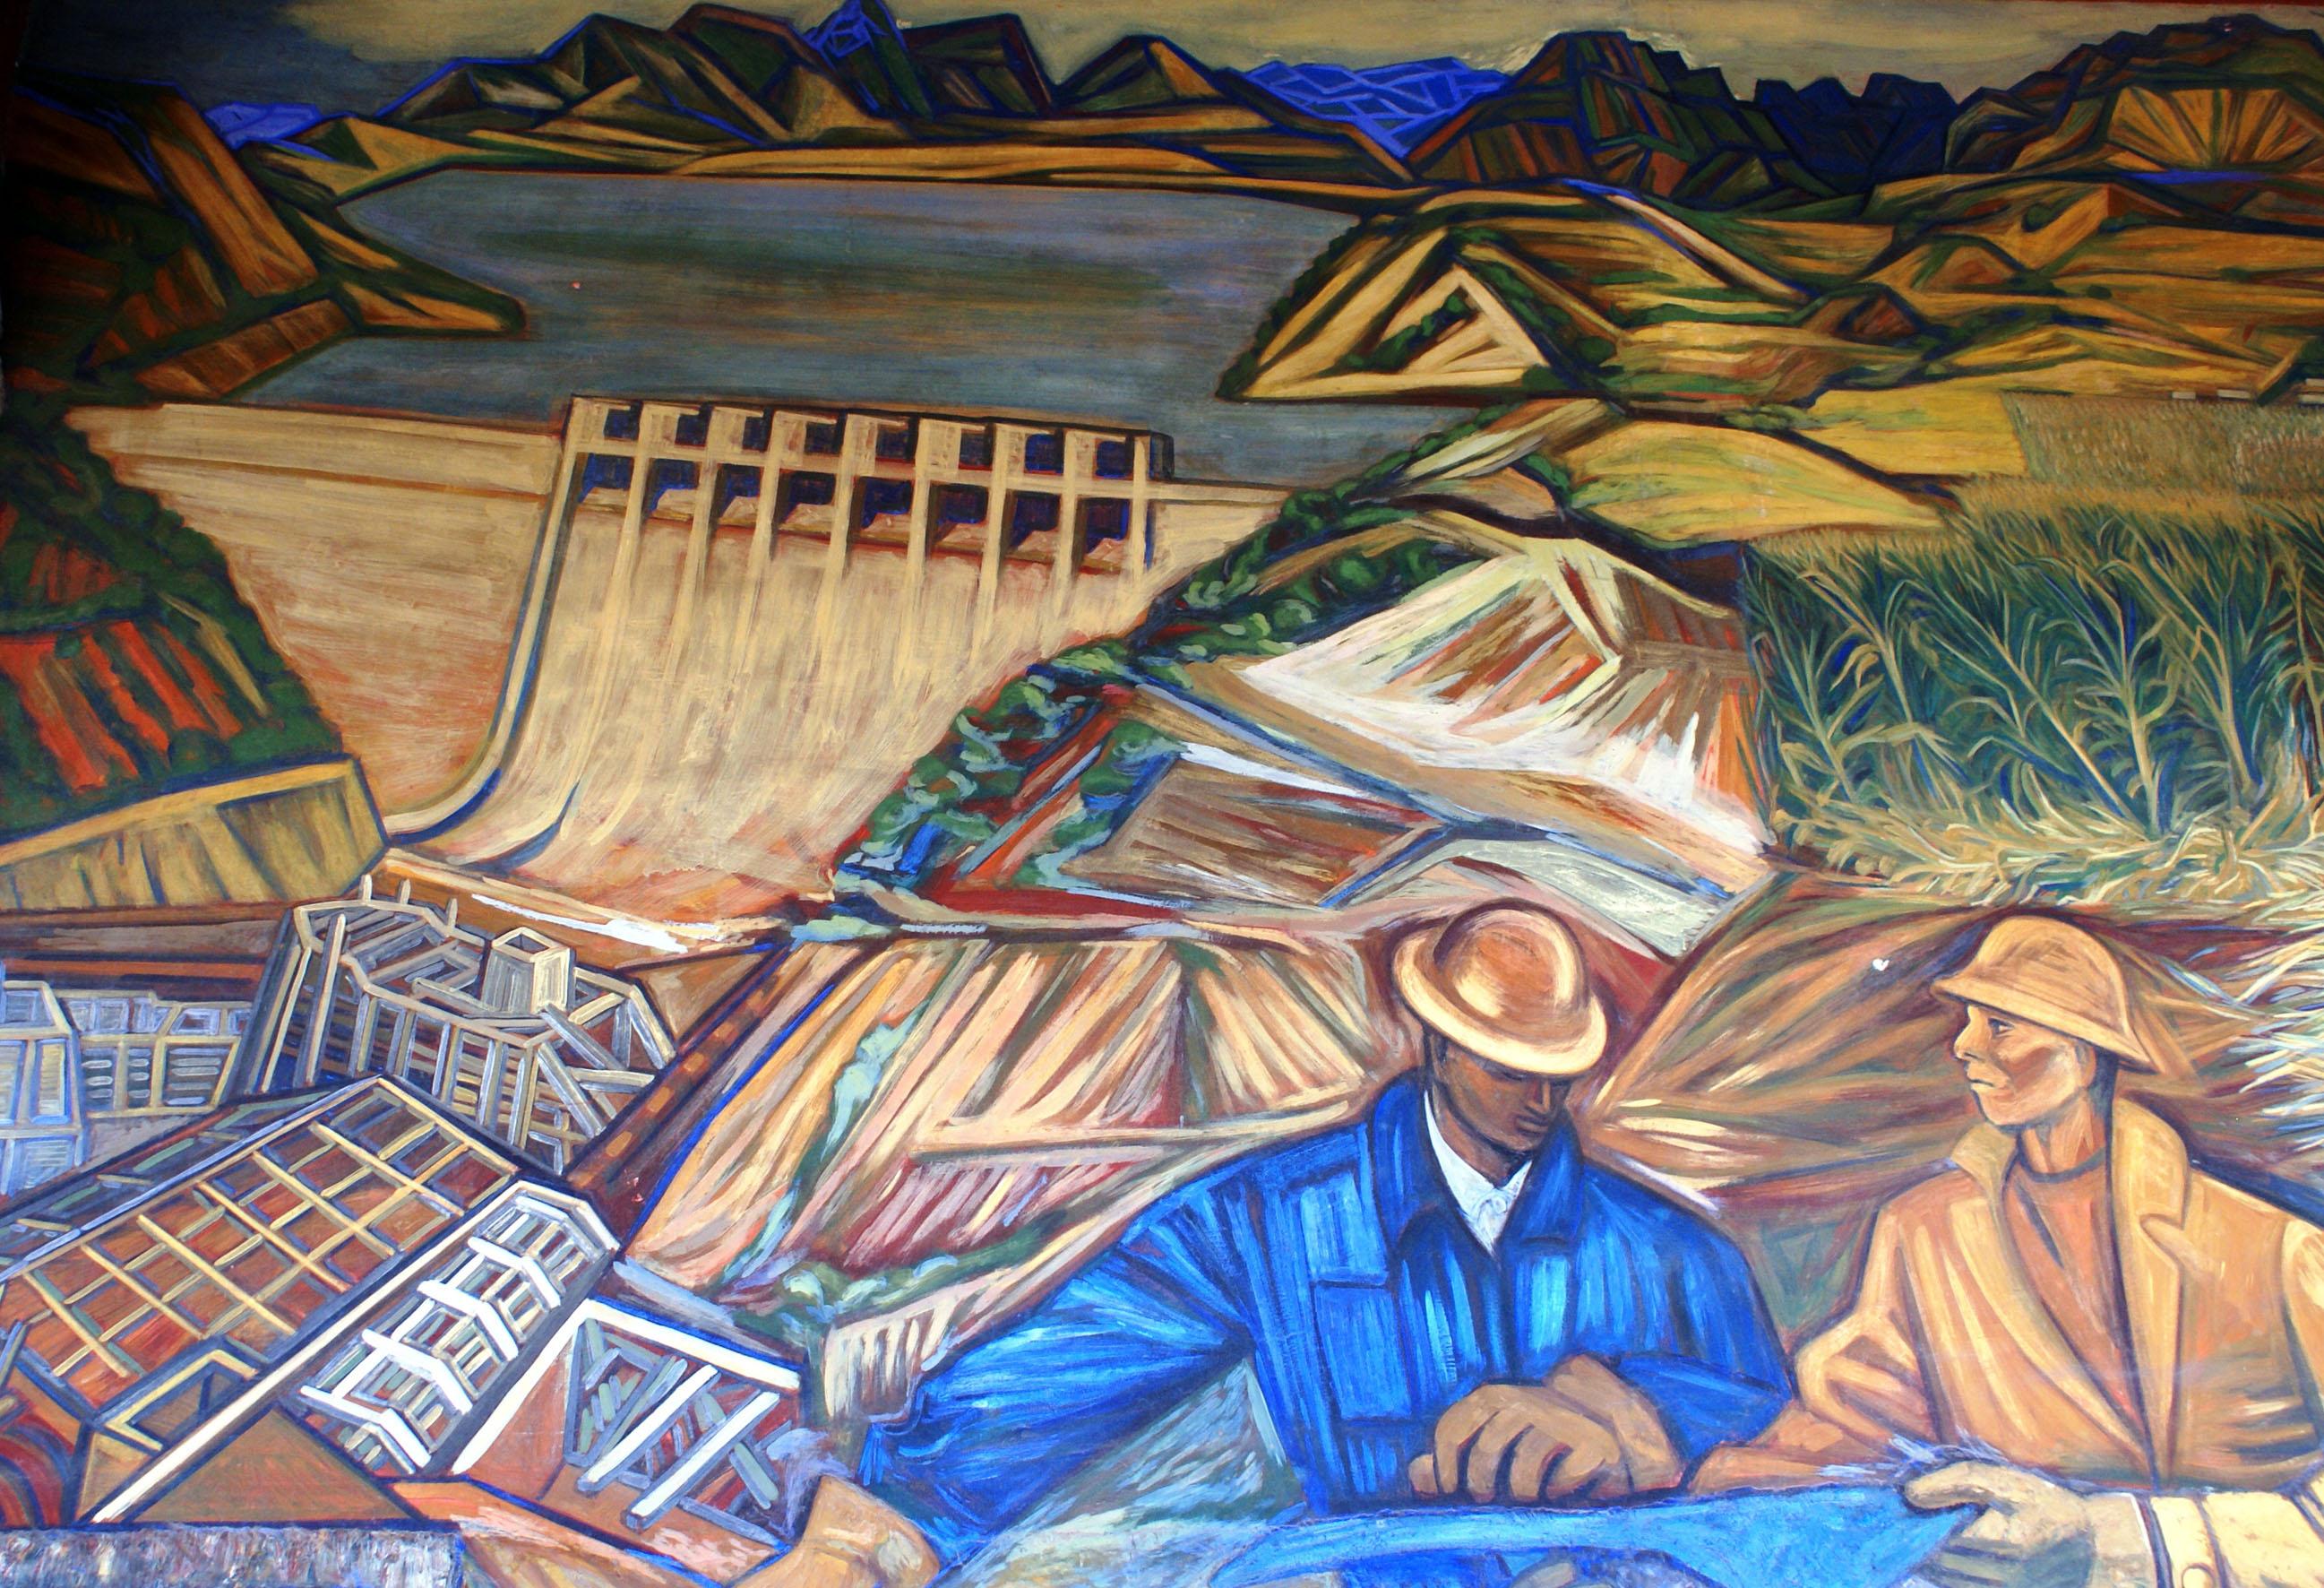 File fragmento mural alfredo zalce 4 wikimedia for Definicion de pintura mural